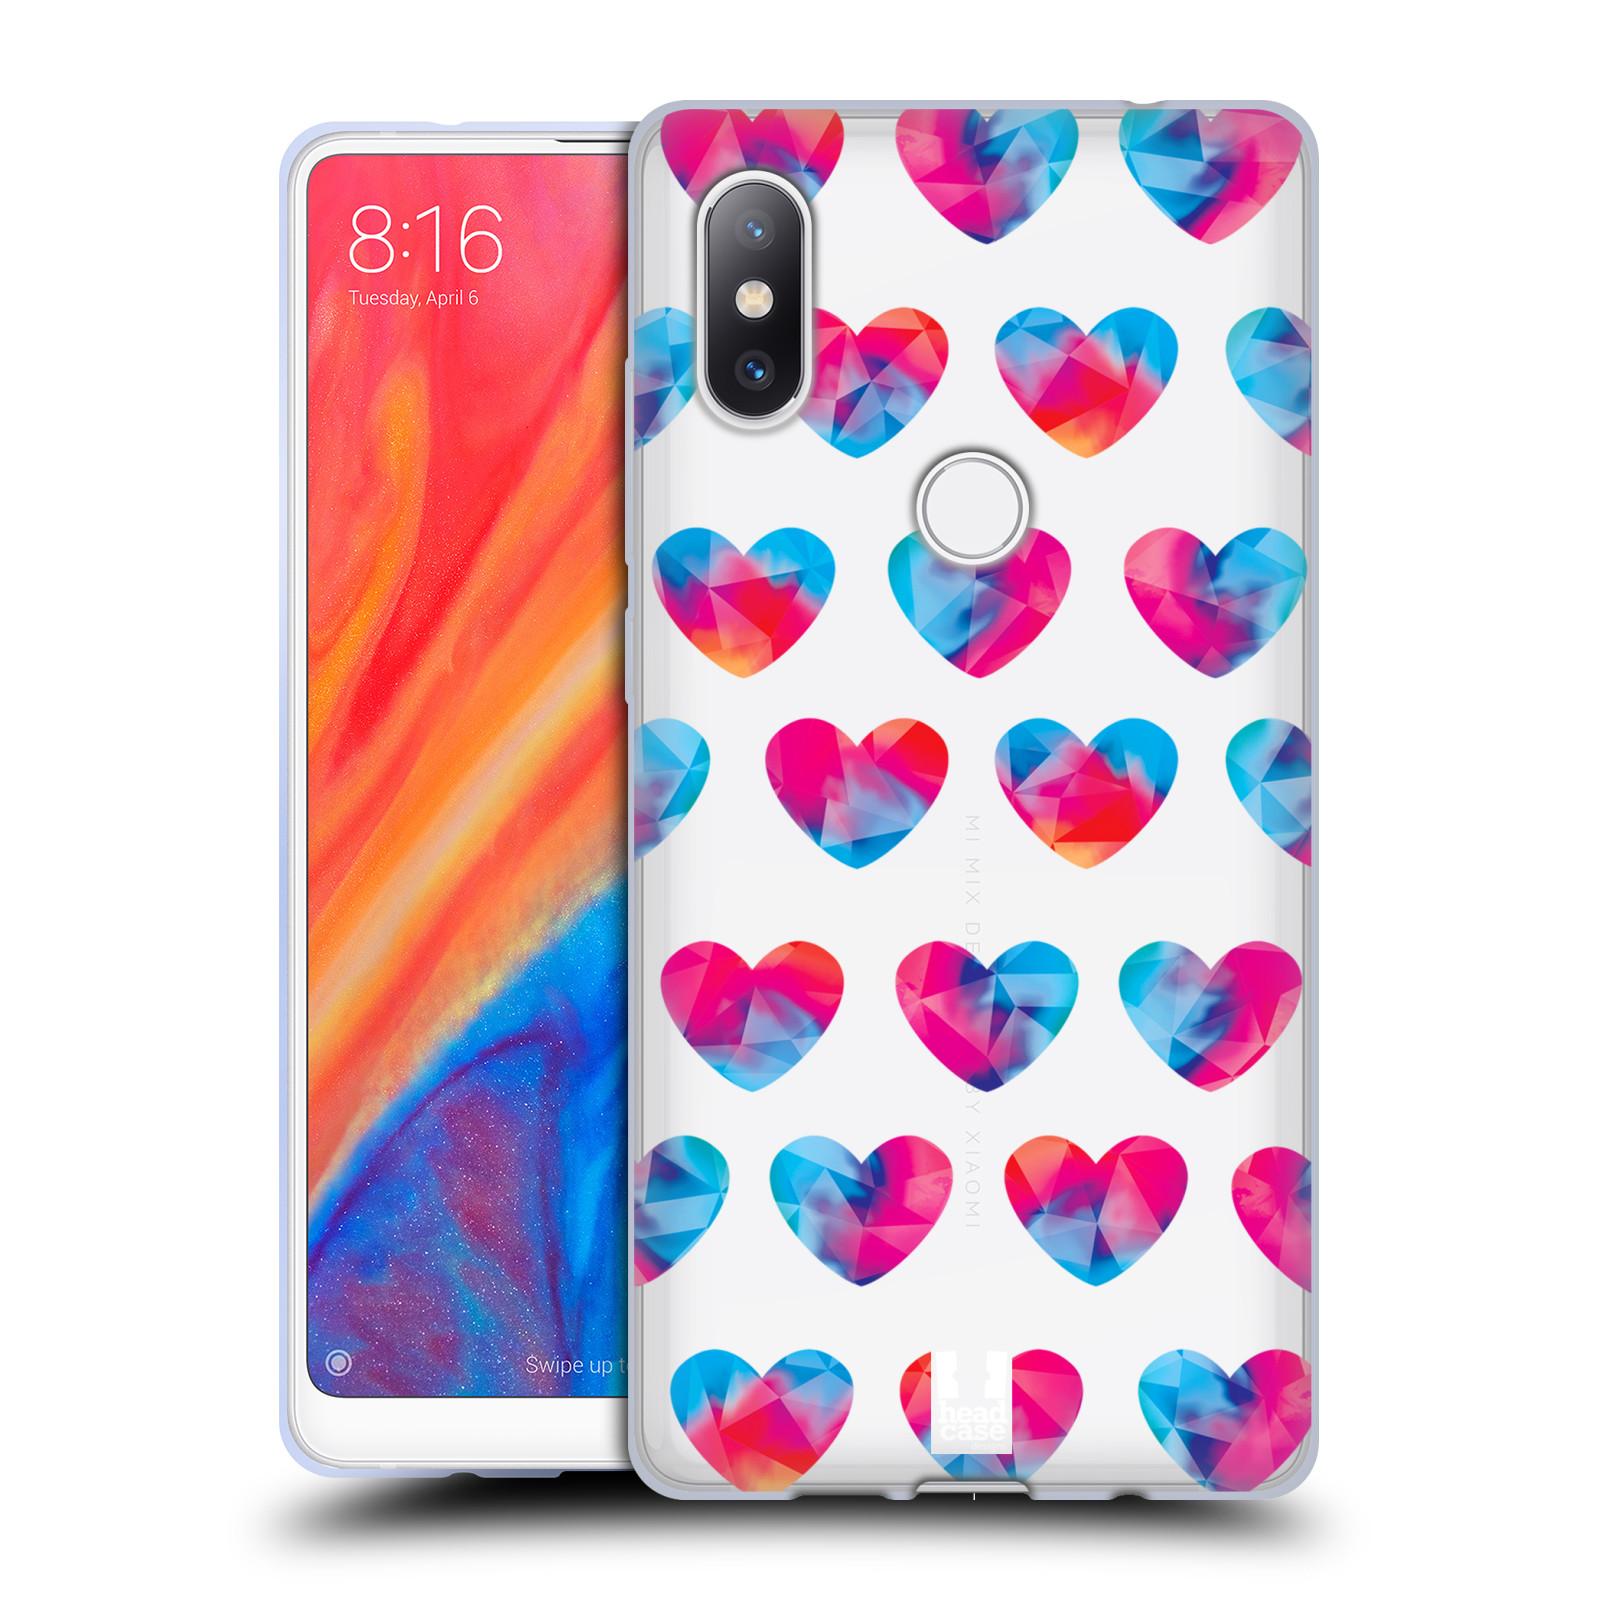 Silikonové pouzdro na mobil Xiaomi Mi Mix 2S - Head Case - Srdíčka hrající barvami